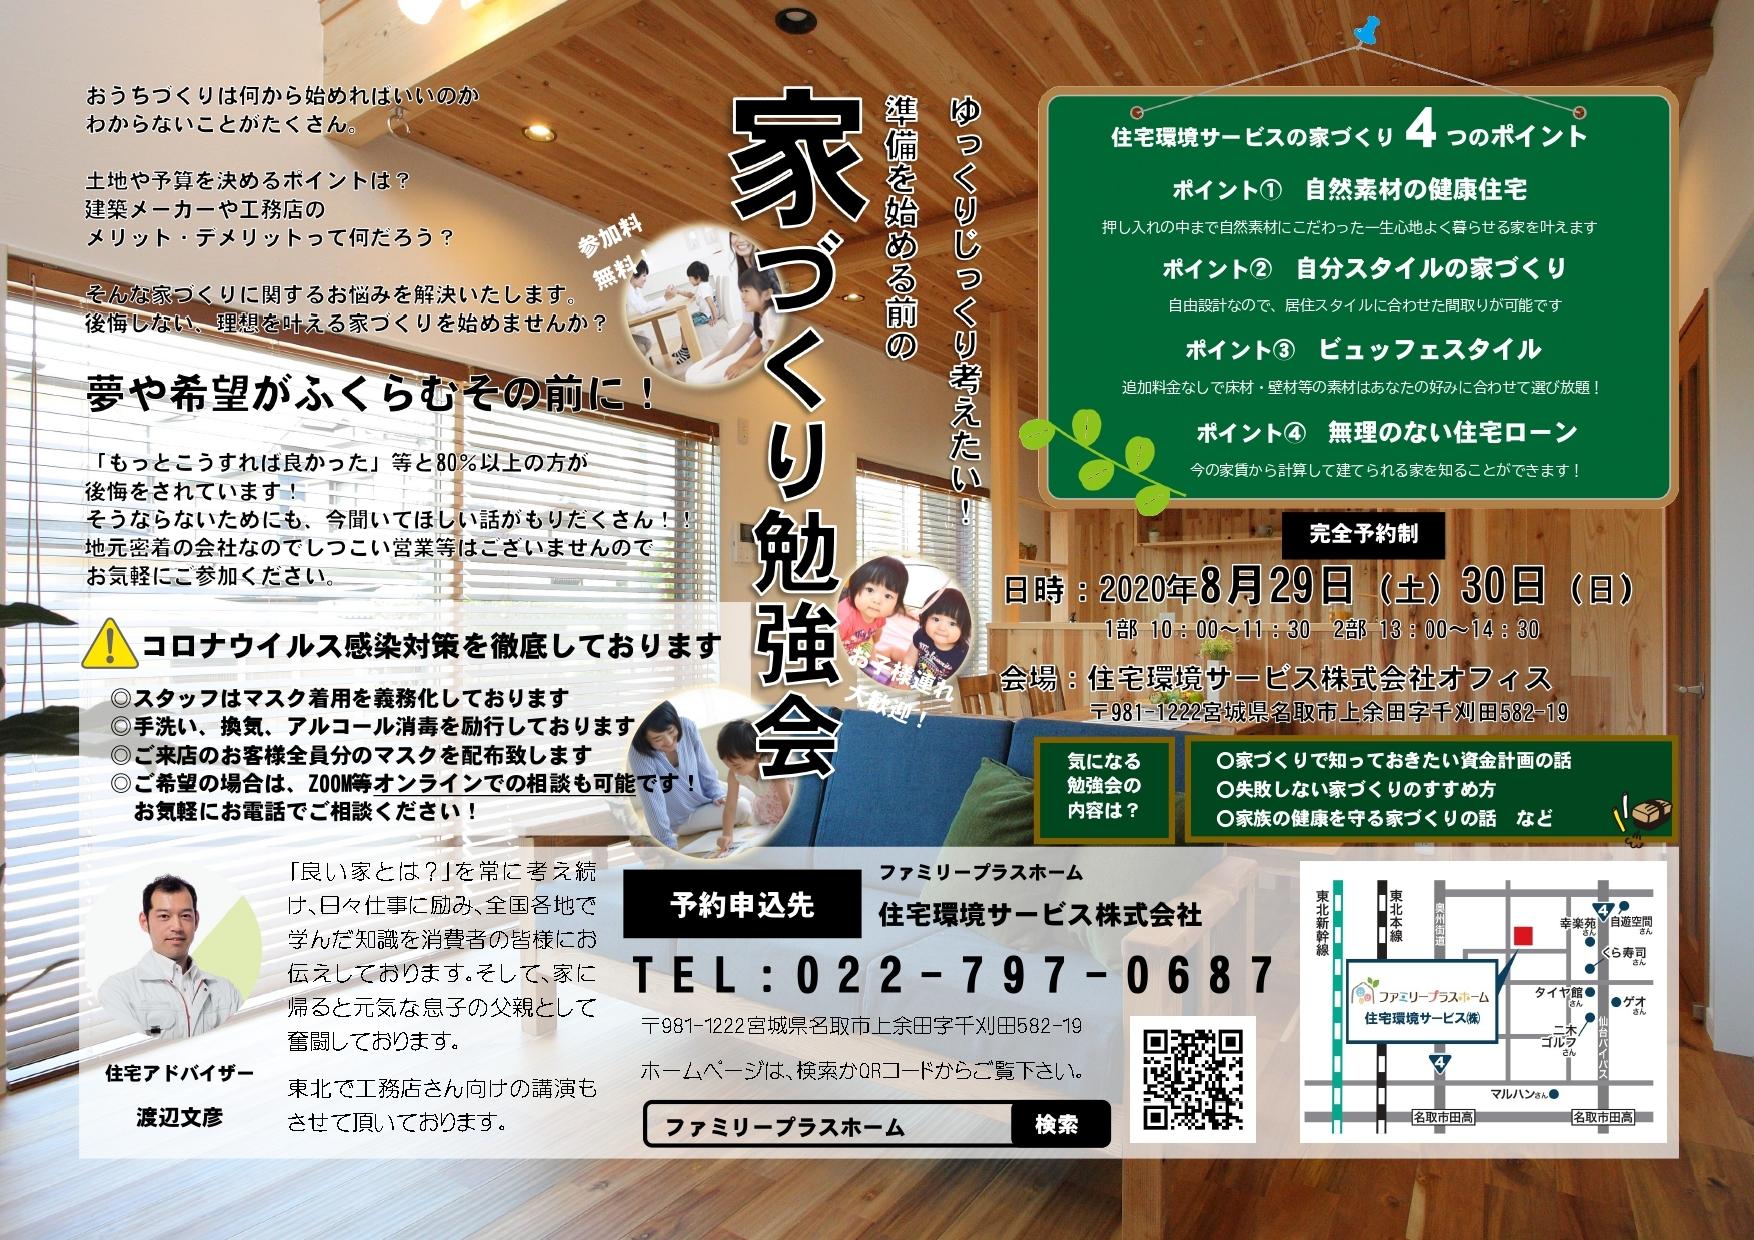 2020.8.29-30家づくり勉強会(ファミリープラスホーム)_page-0001.jpg